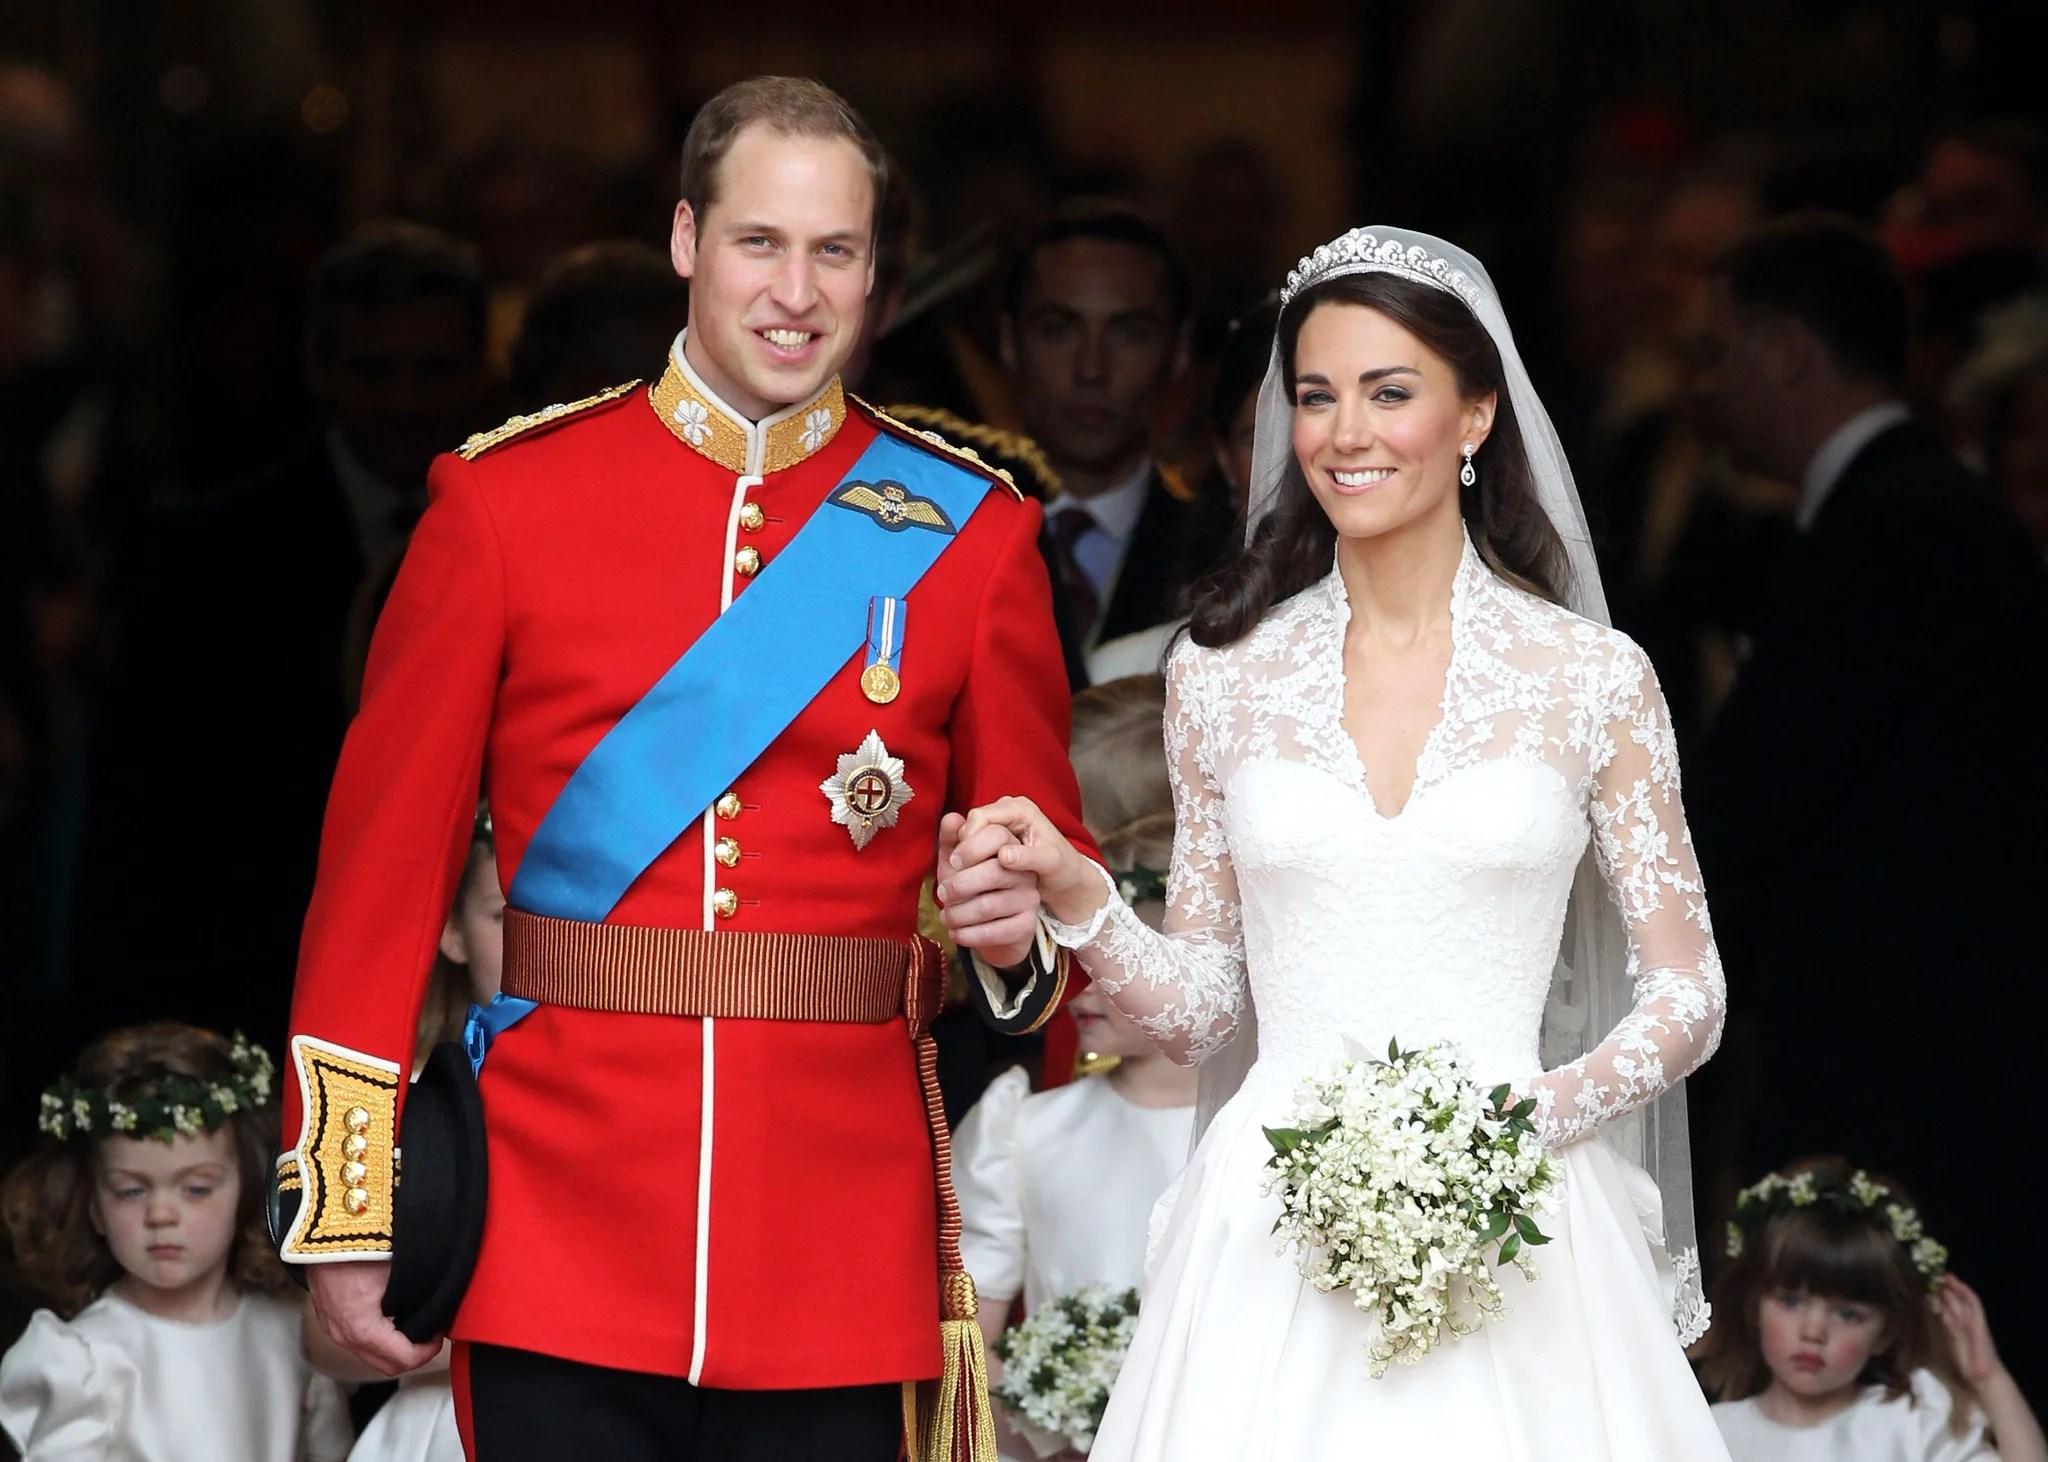 9 dei regali di nozze più inattesi Kate Middleton e principe William Received